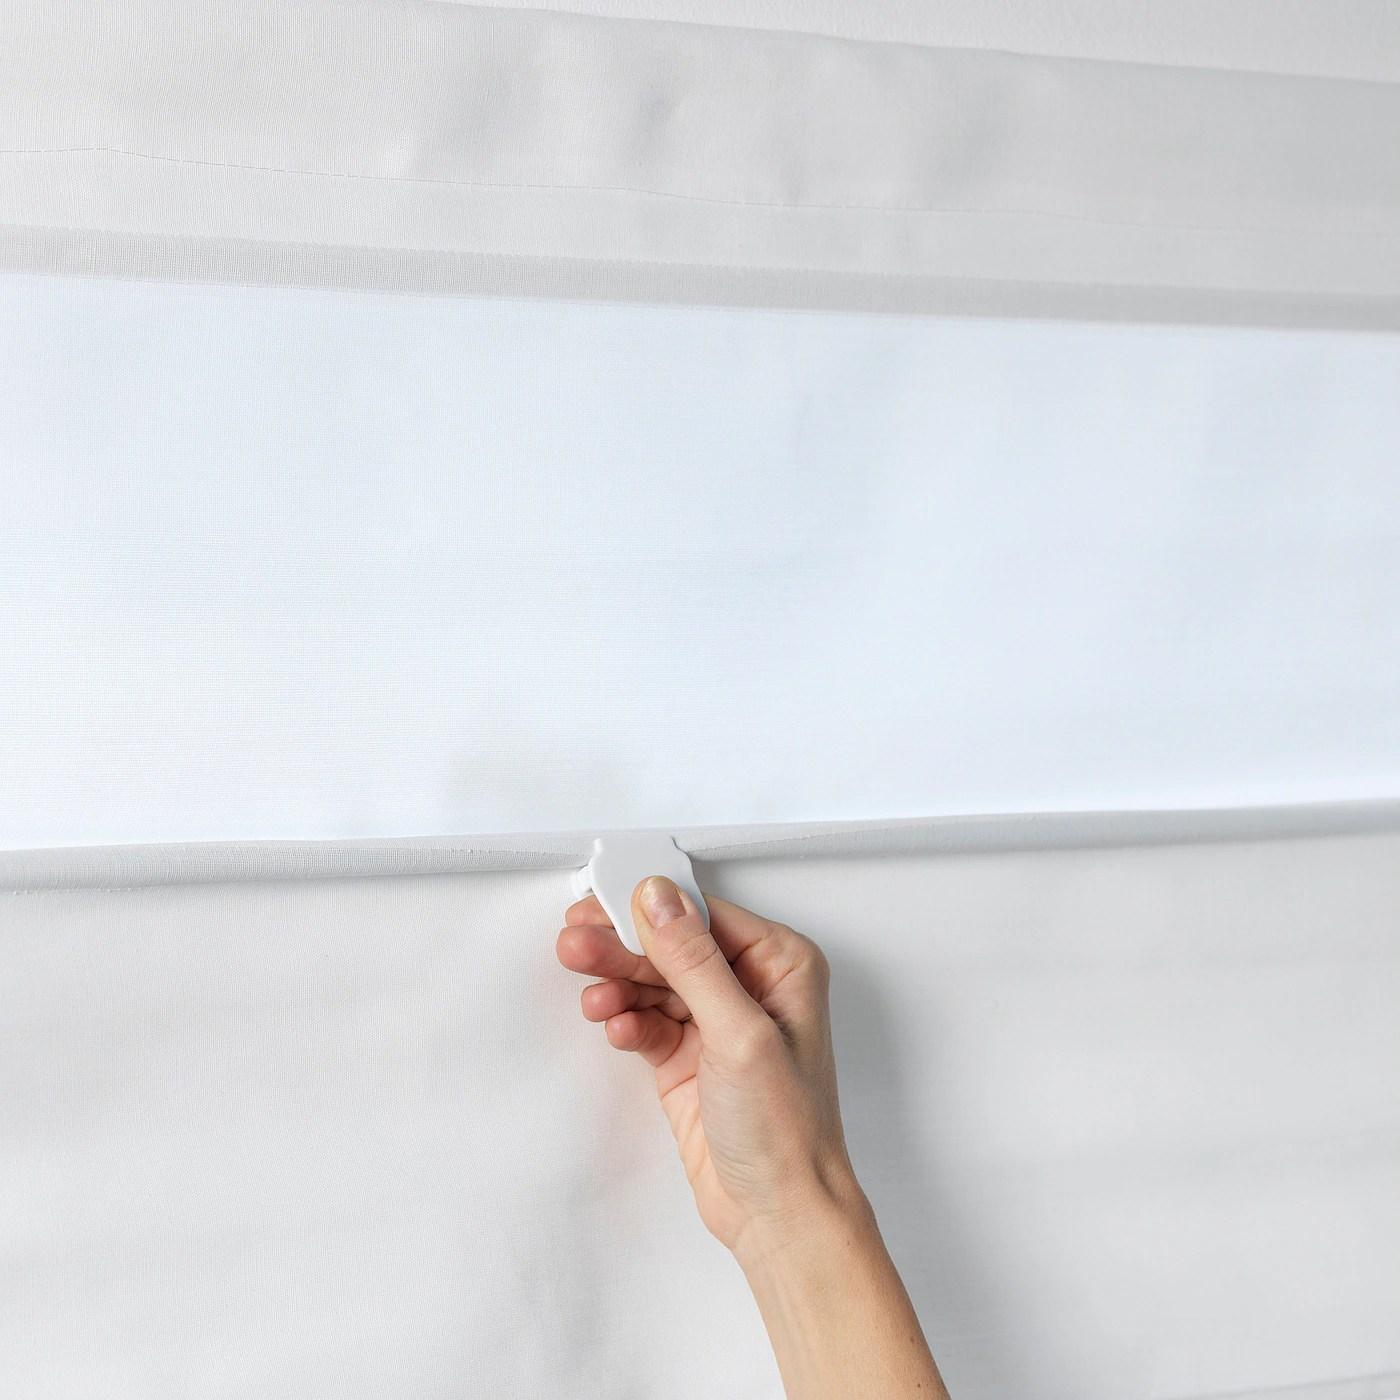 Spedizione gratuita su ordini idonei. Ringblomma Tenda A Pacchetto Bianco 100x160 Cm Ikea It